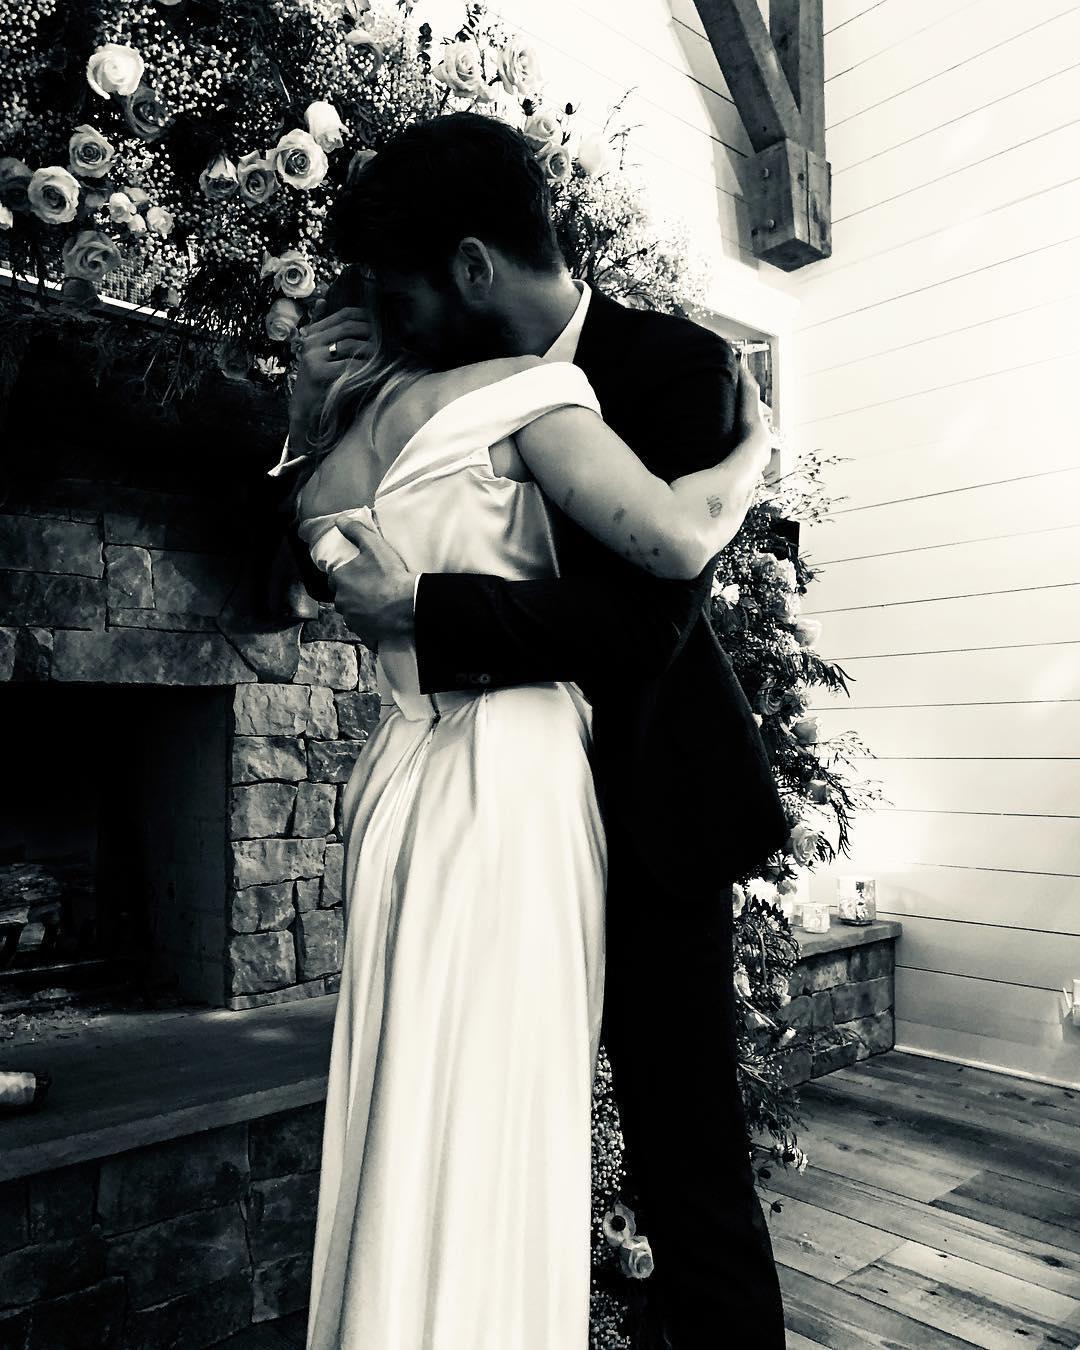 Фото: Майли Сайрус вышла замуж в платье Vivienne Westwood